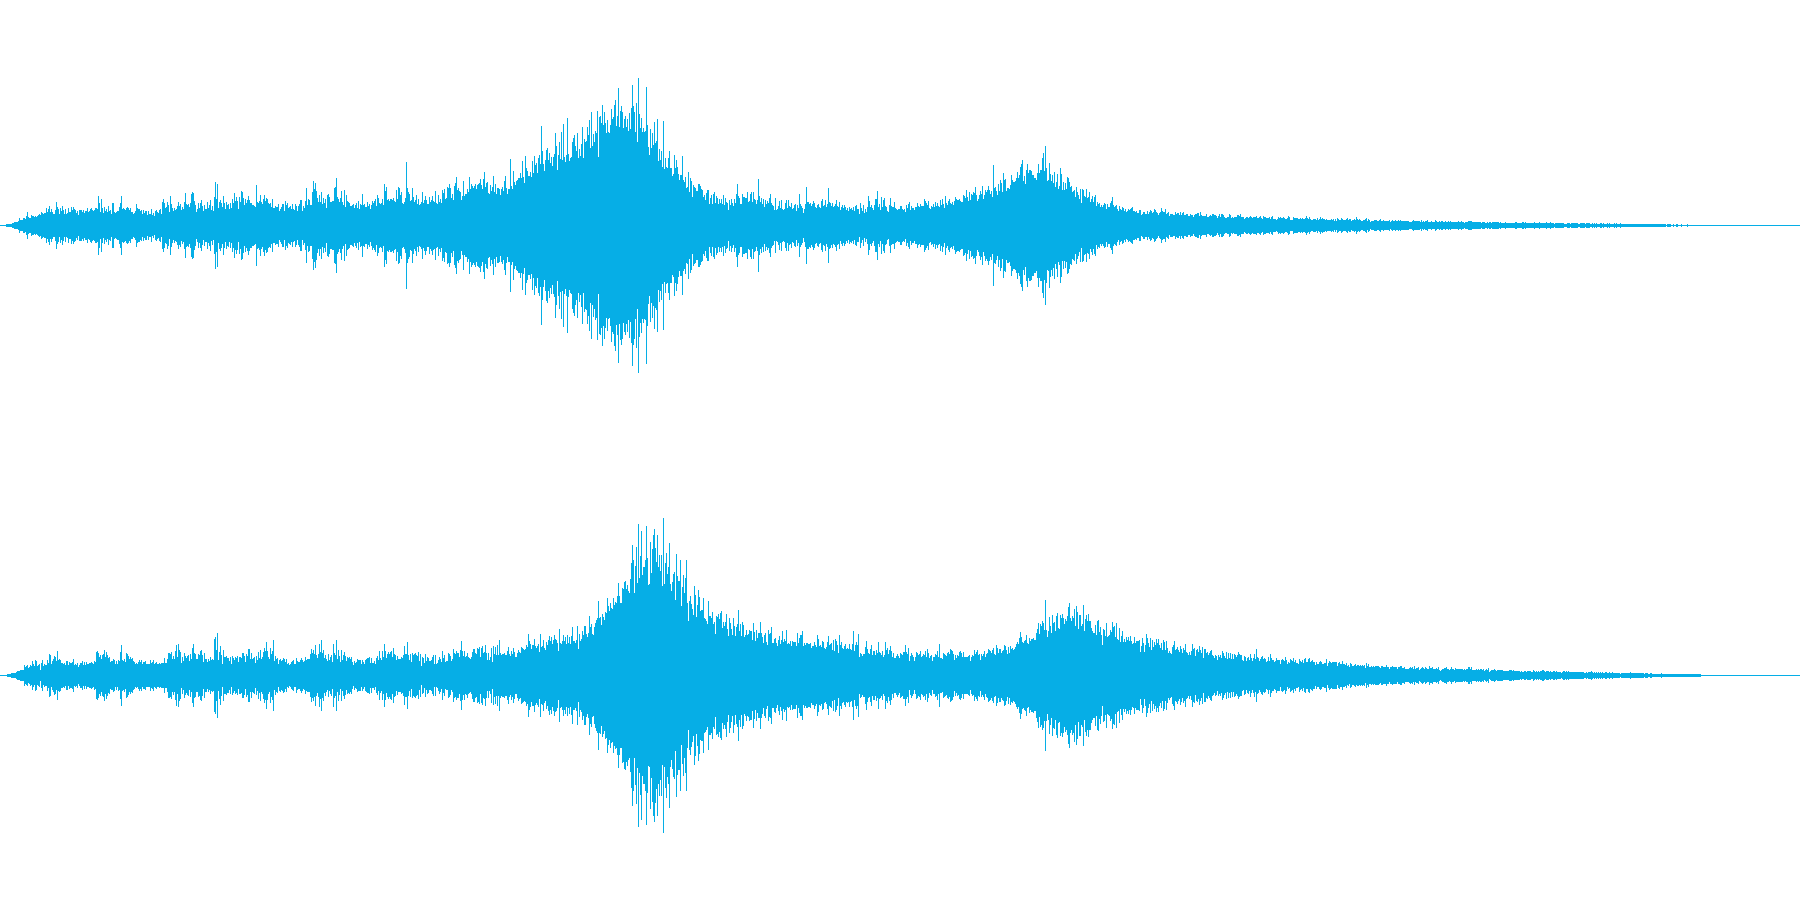 【生録音】 早朝の街 交通 環境音 3の再生済みの波形